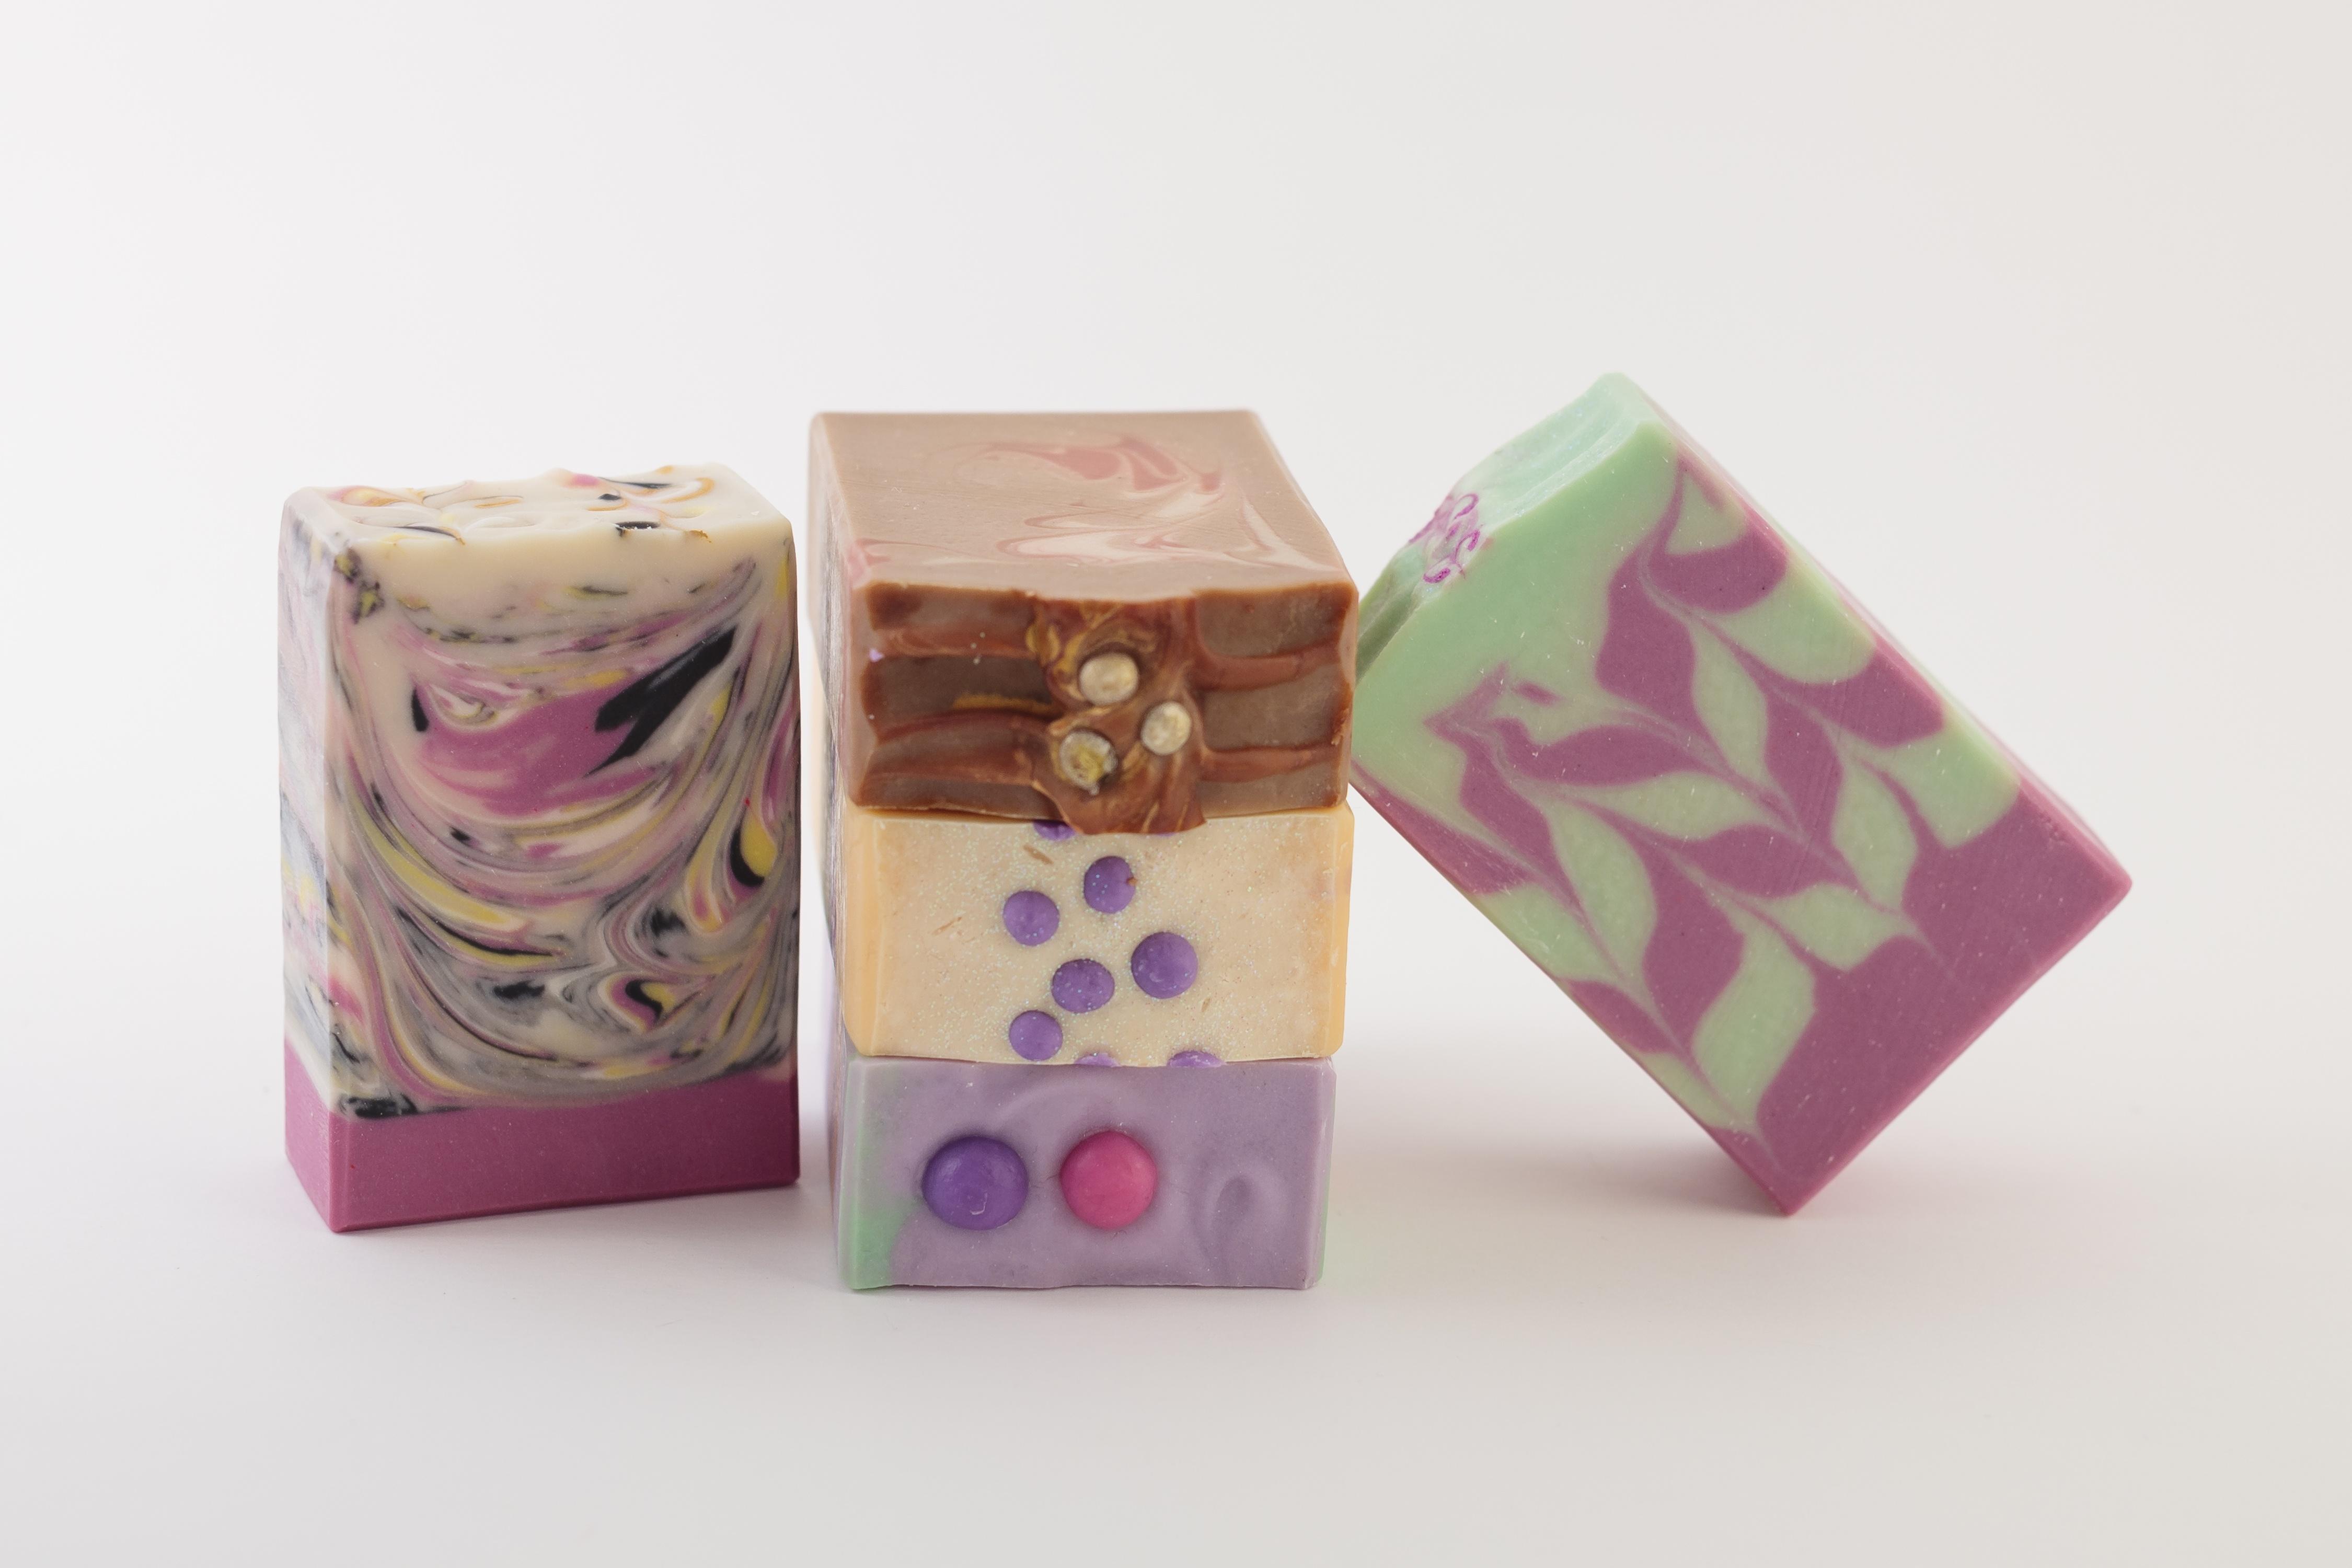 Gamme de savons saponifiés à froid - édition limitée